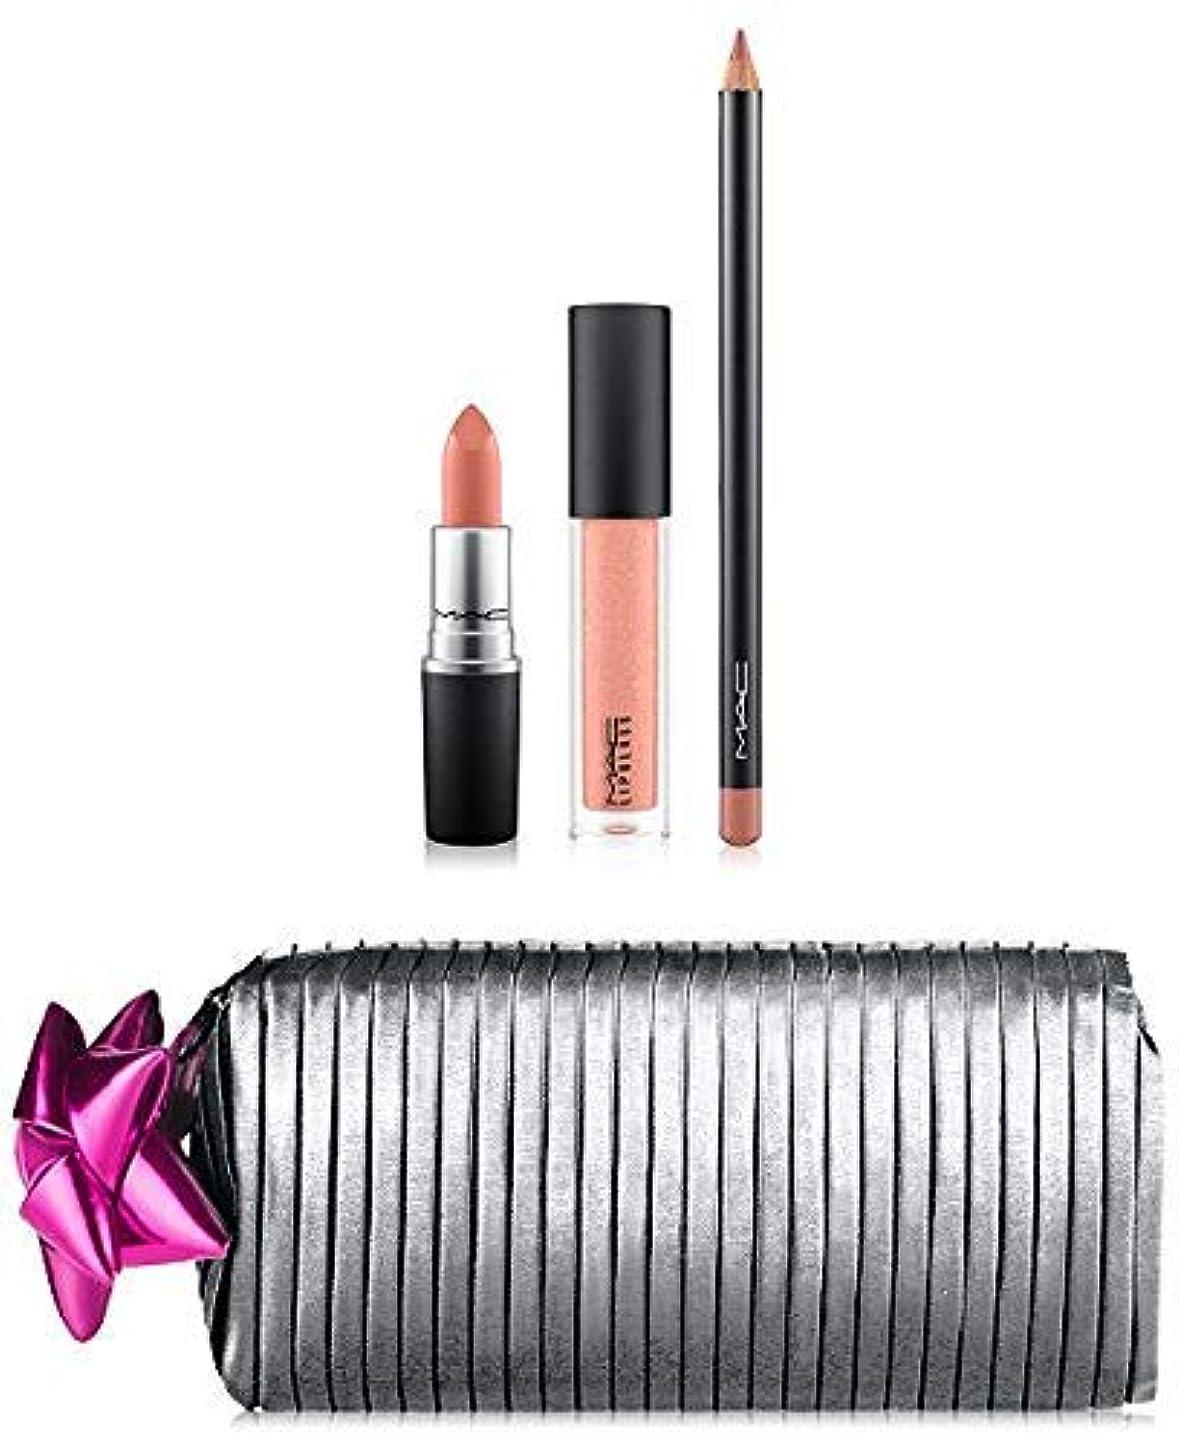 ヒューマニスティック実行可能翻訳する【MAC】 グッディバッグ Shiny Pretty Things Goody Bag: Nude Lips